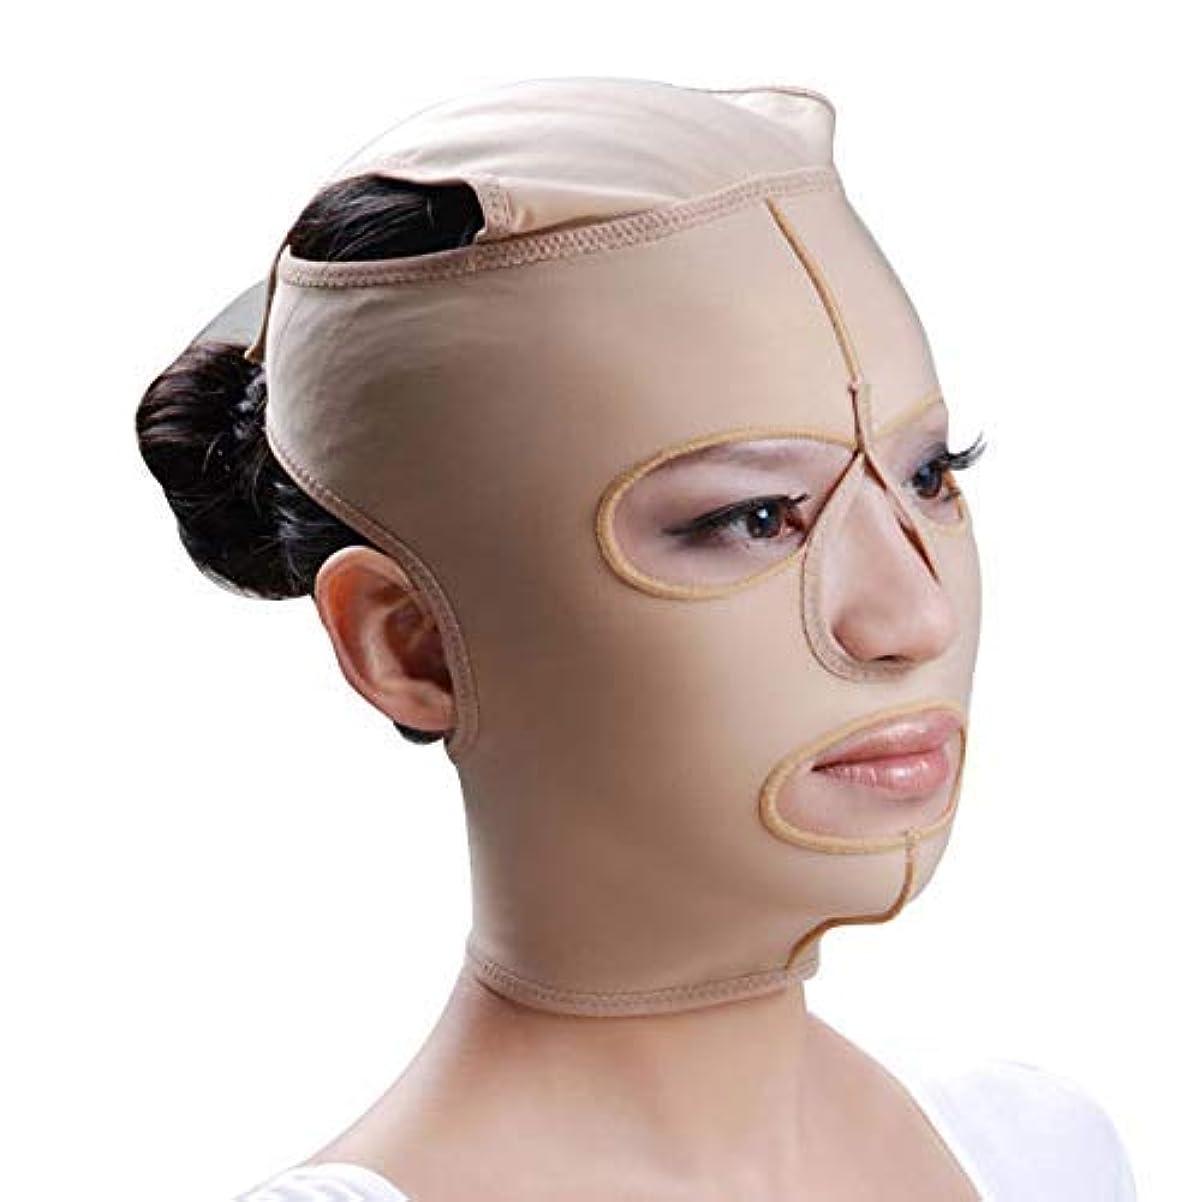 ファーミングフェイスマスク、フェイシャルマスクエラスティックフェイスリフティングリフティングファーミングパターンマイクロフィニッシングポストモデリングコンプレッションフェイスマスク(サイズ:S),S